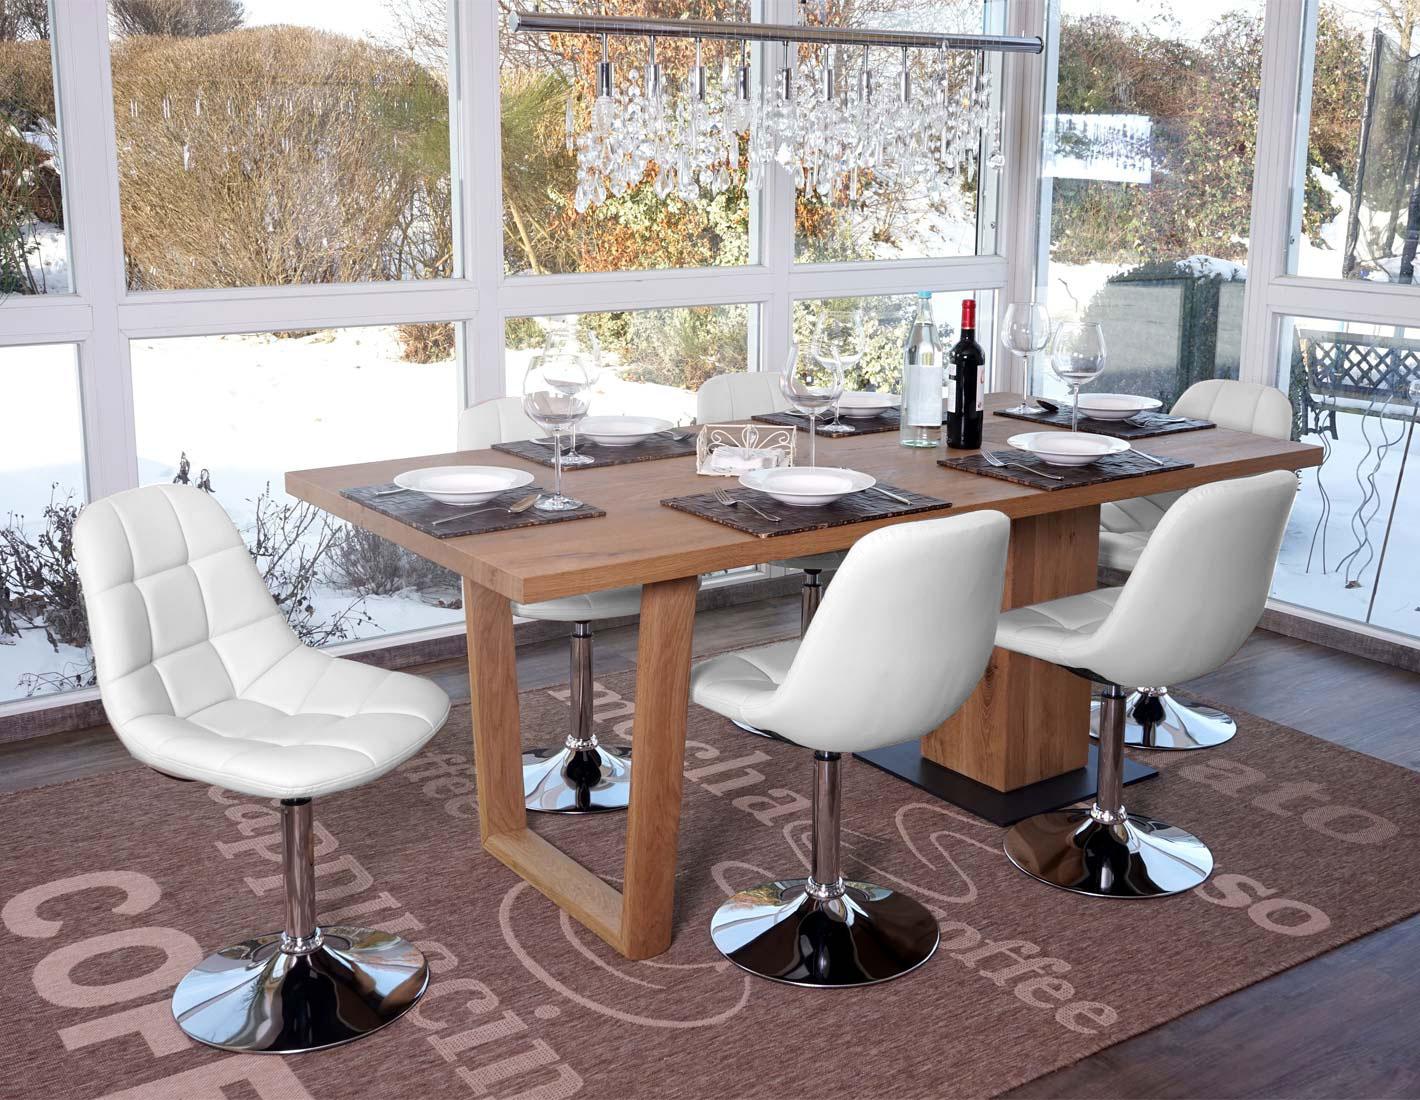 6x esszimmerstuhl pontedera stuhl drehstuhl chrom kunstleder wei ebay. Black Bedroom Furniture Sets. Home Design Ideas